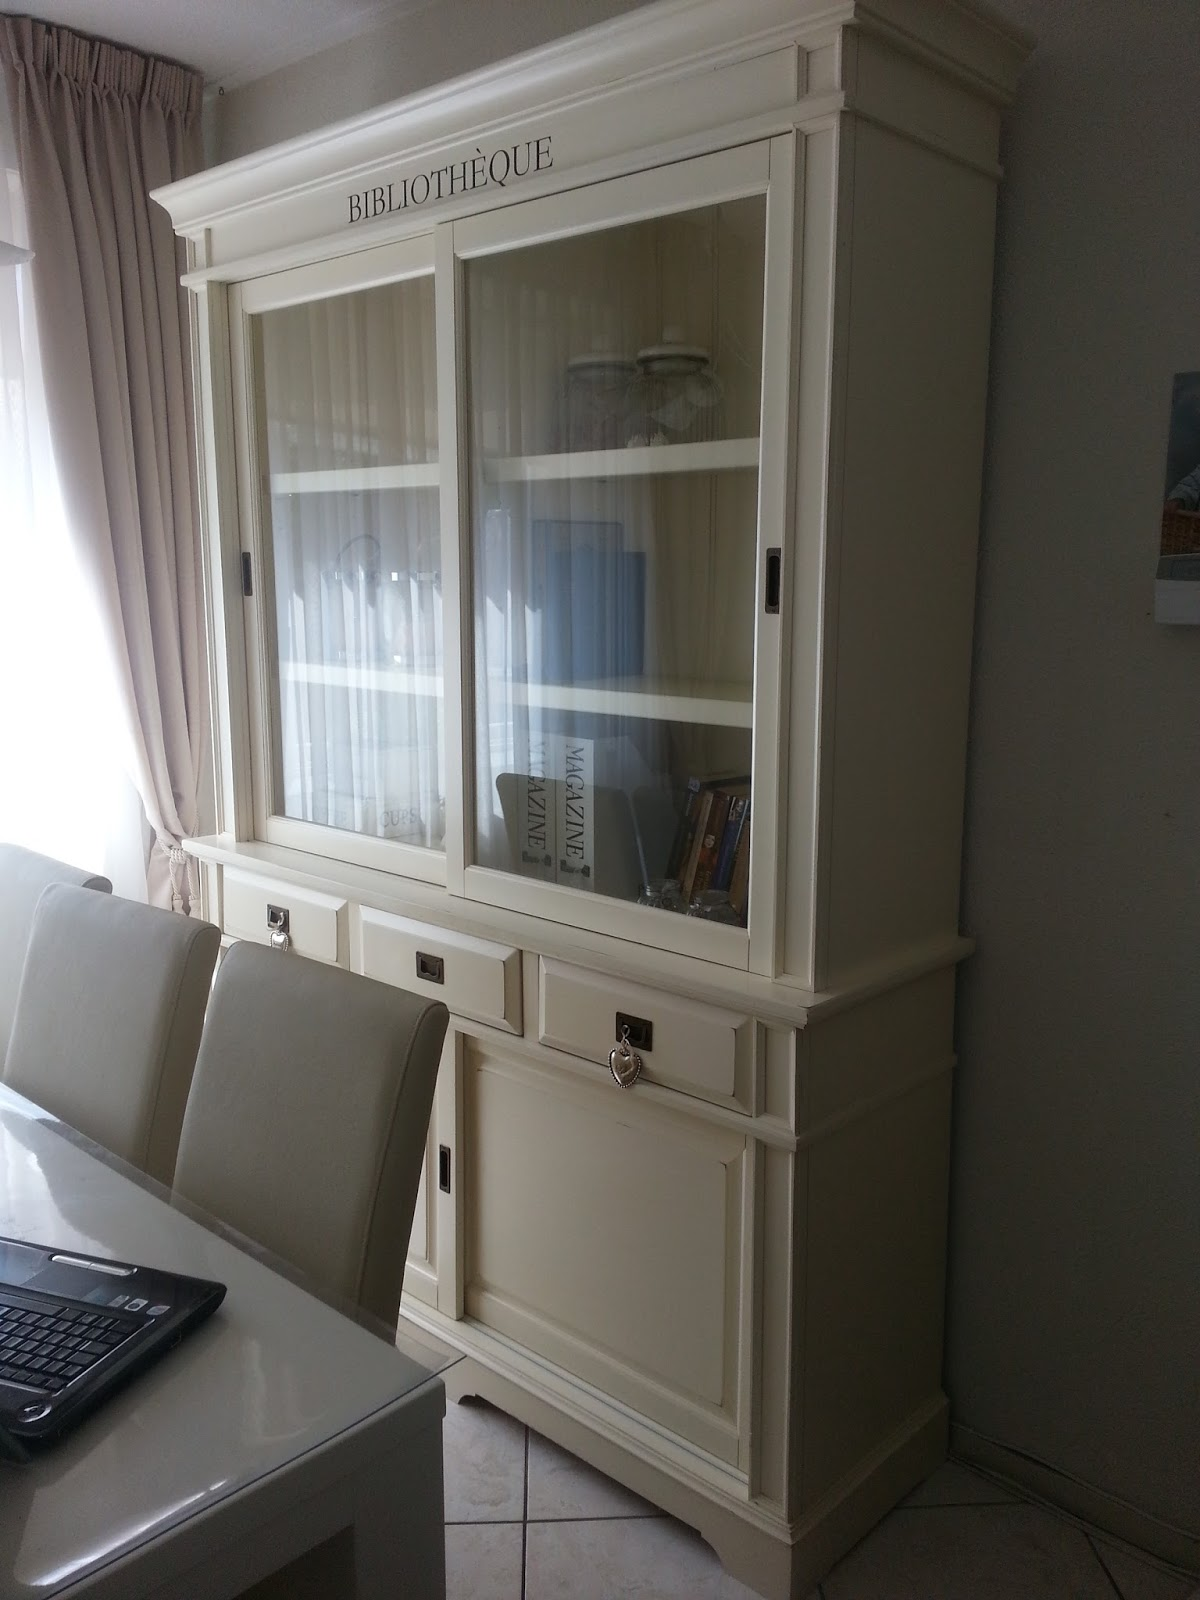 Inrichting slaapkamer landelijke stijl ~ [Spscents.com]